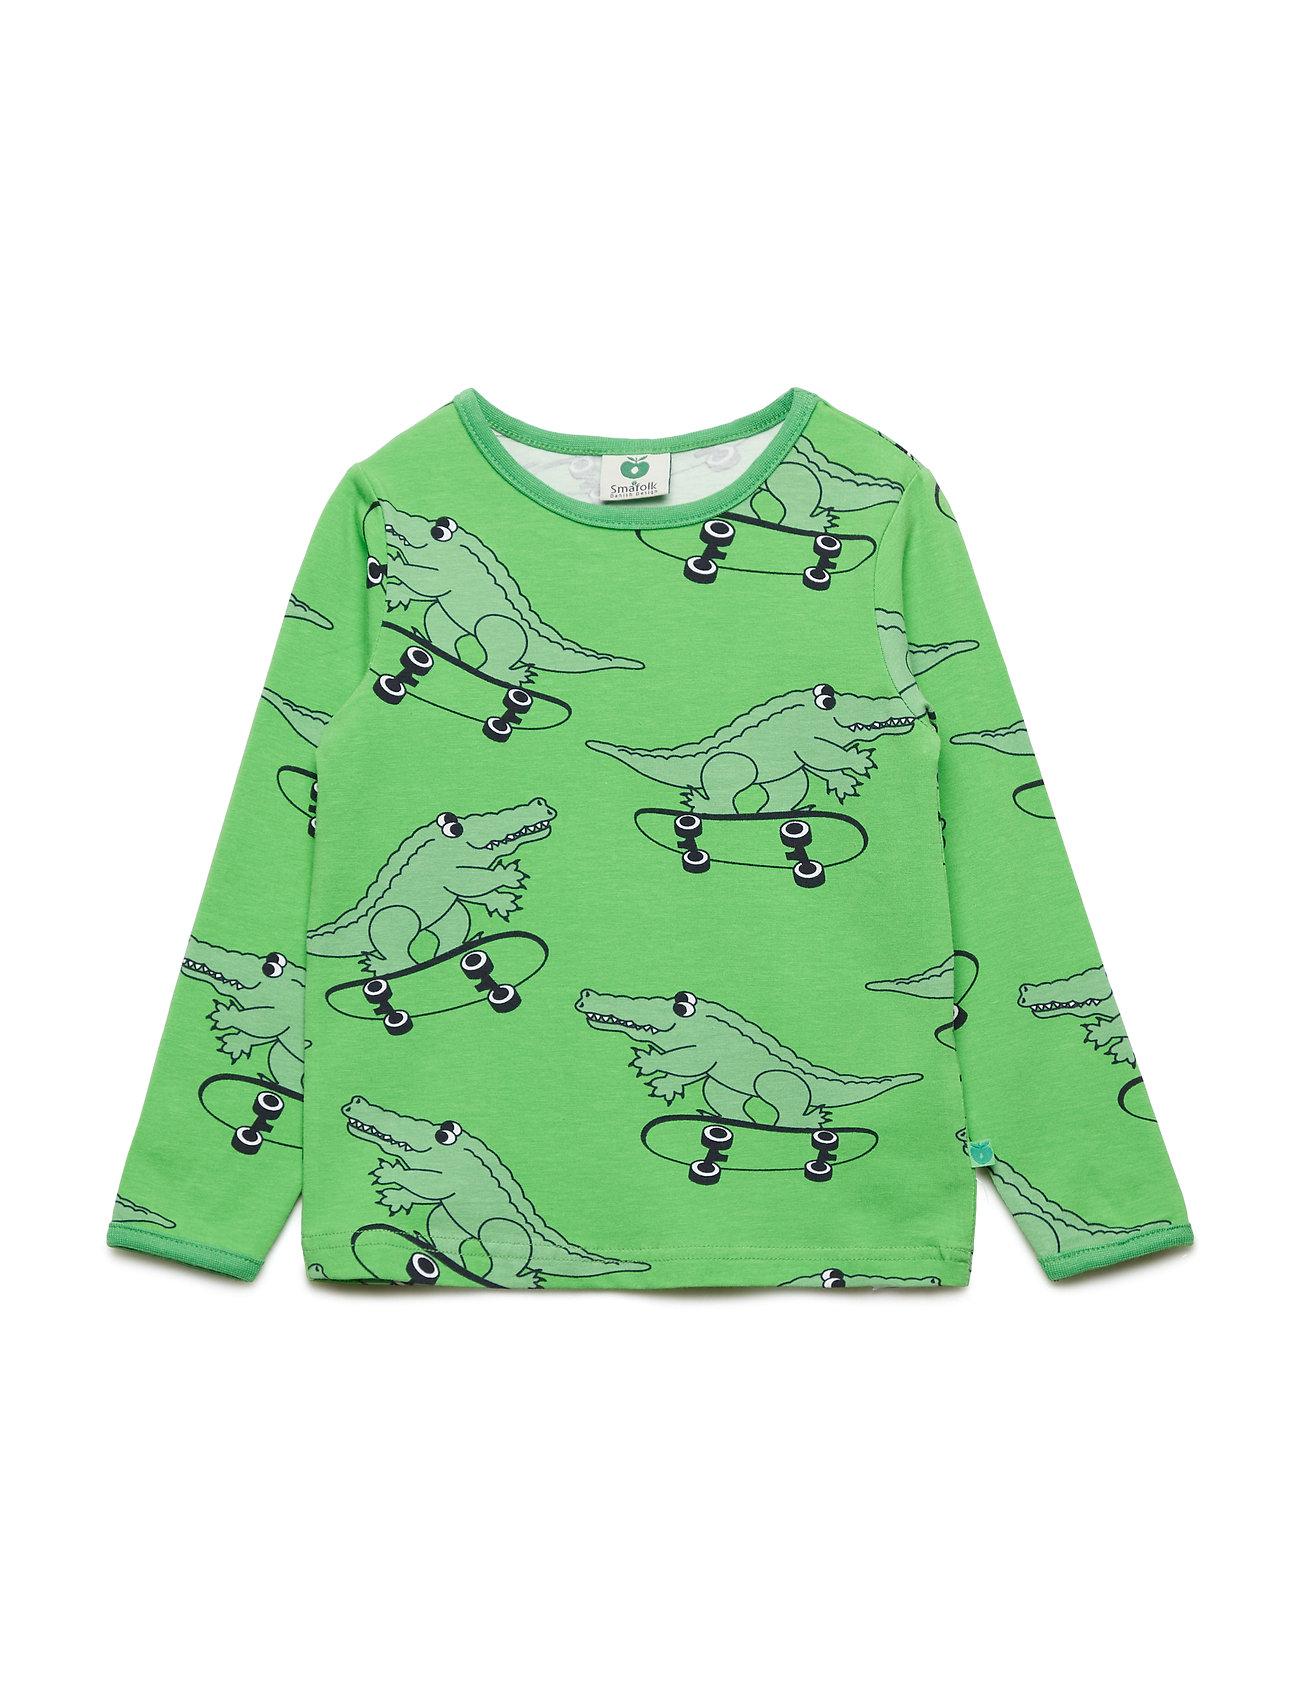 Småfolk T-shirt LS. Croco - GREEN